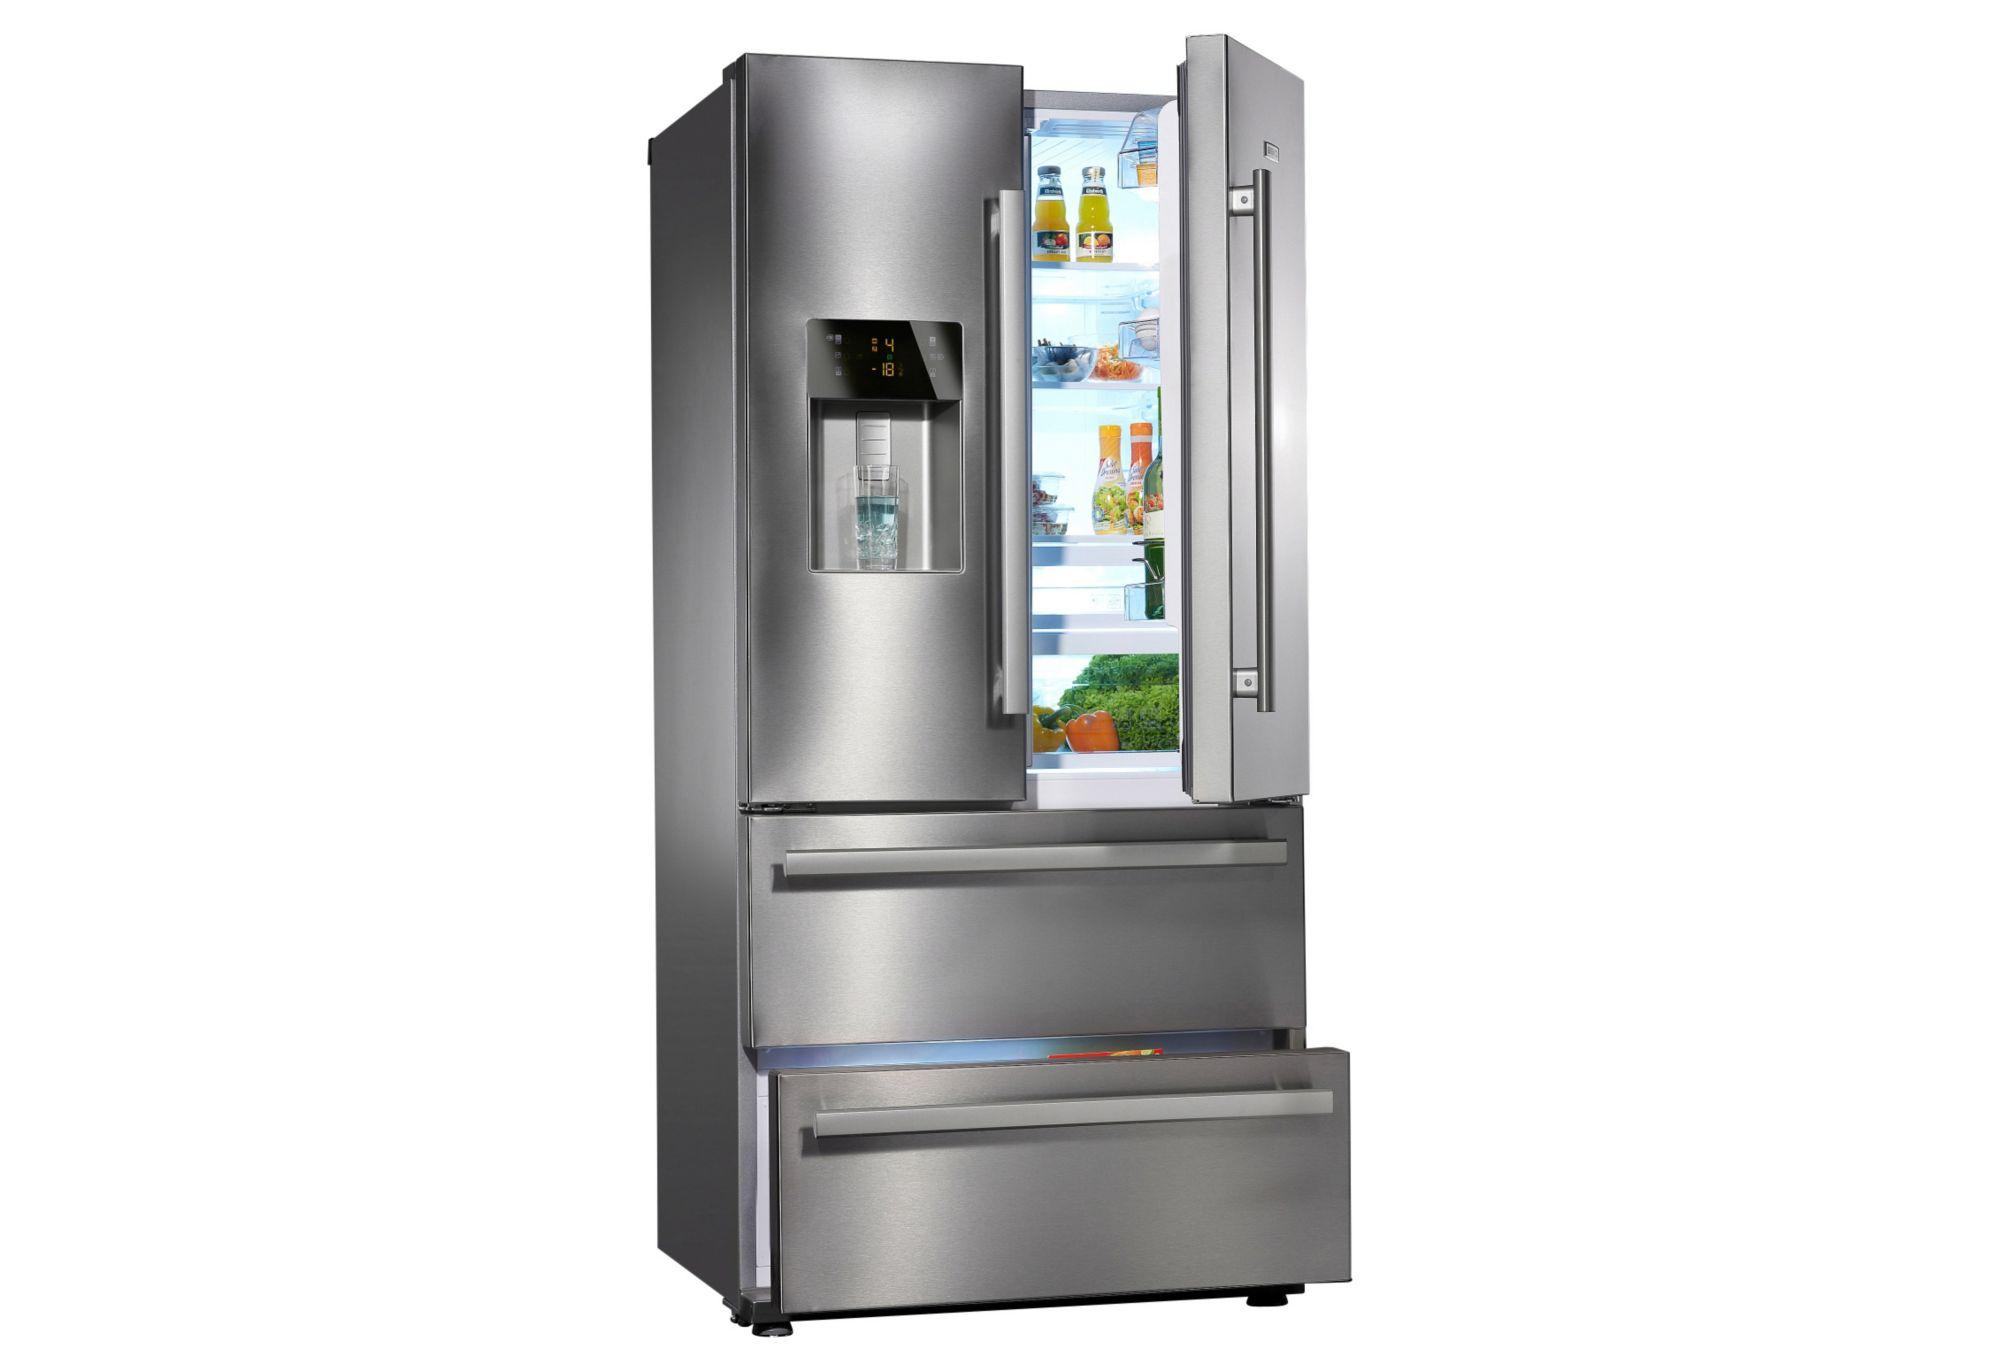 Aeg Kühlschrank Rfb52412ax : Großraumkühlschrank ohne gefrierfach betten für jugendzimmer